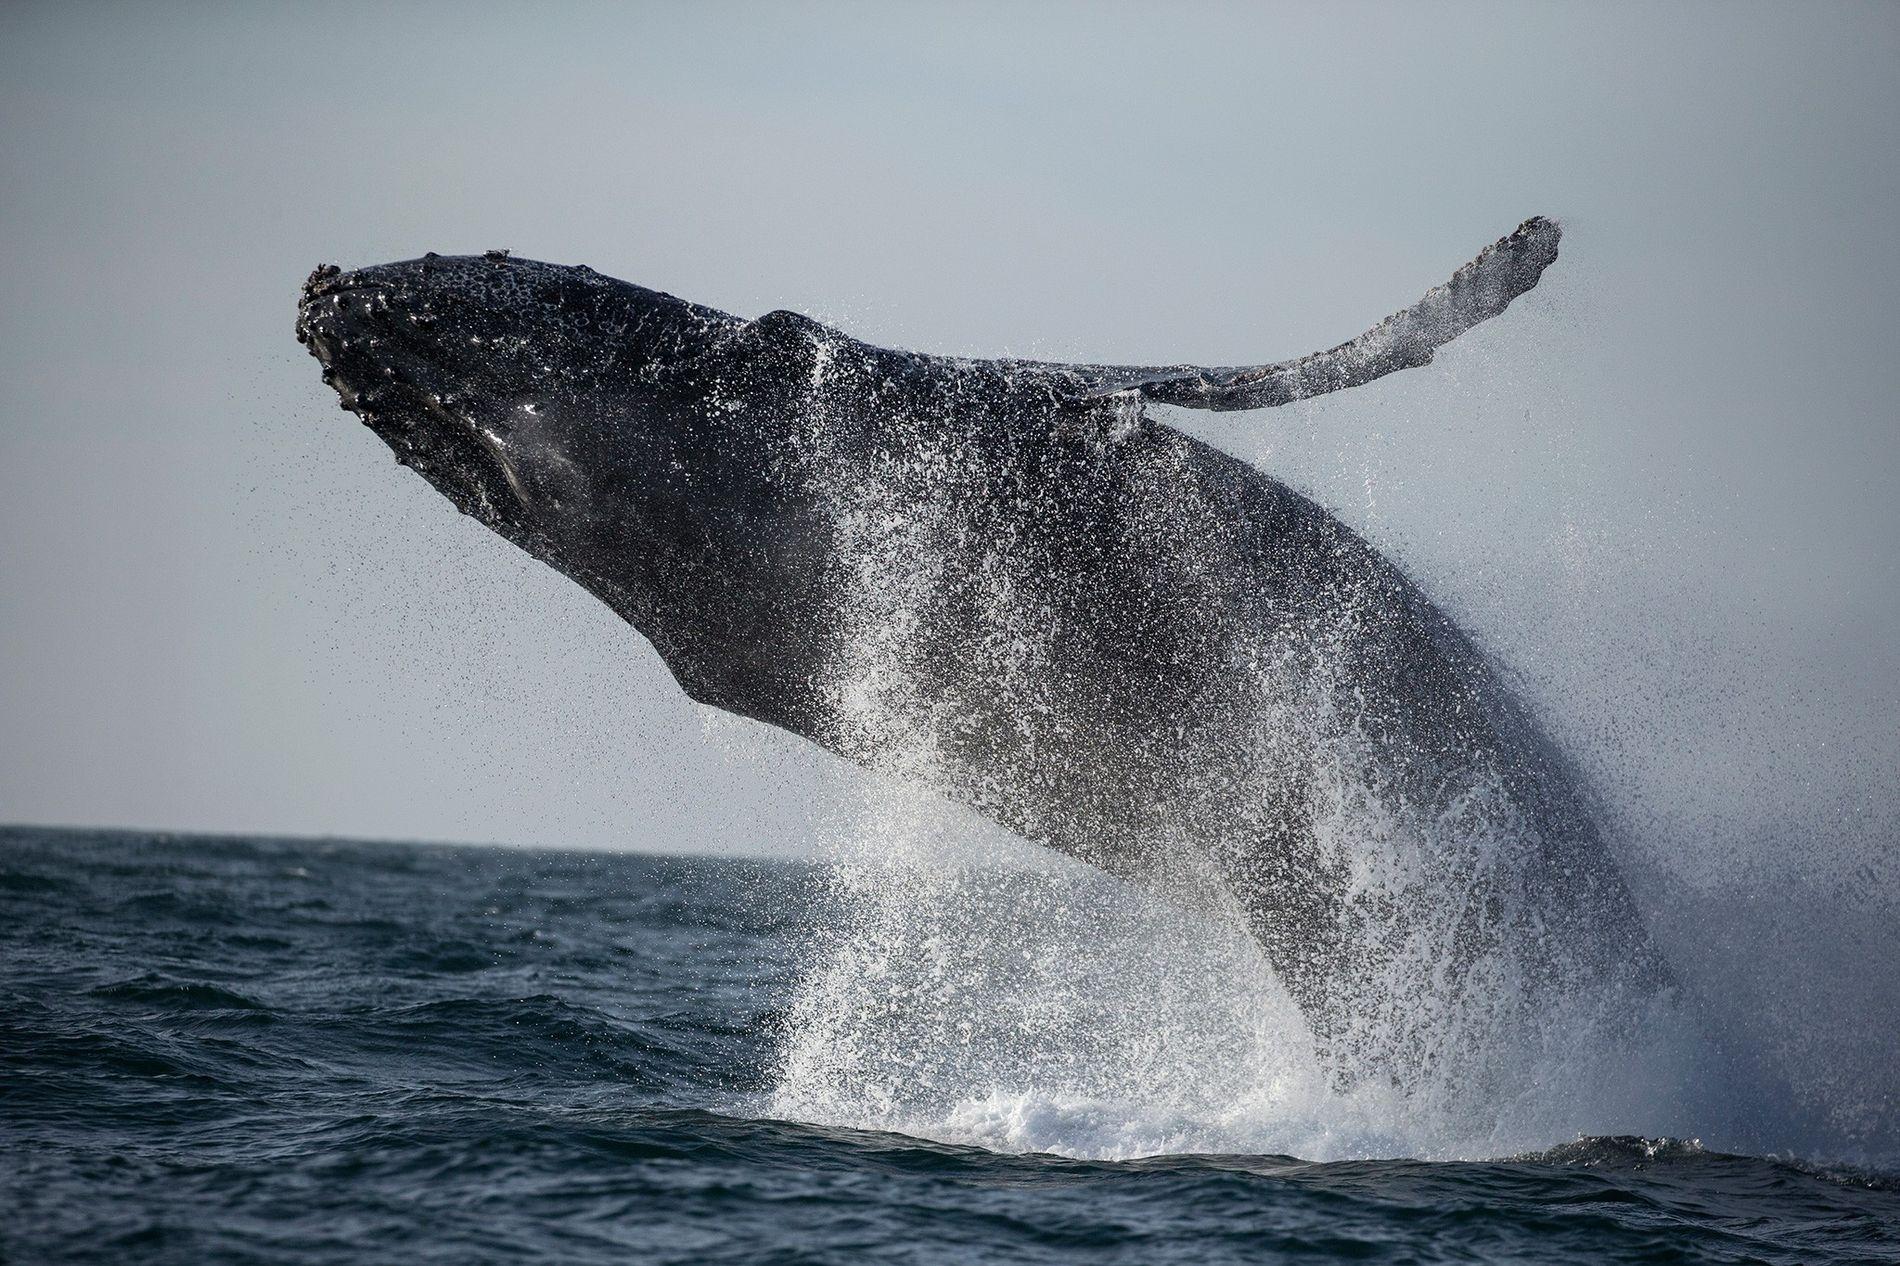 Depuis janvier 2016, les scientifiques ont constaté le décès de 88 baleines à bosse le long de la côte est des États-Unis, soit plus de deux fois le chiffre des trois années précédentes.